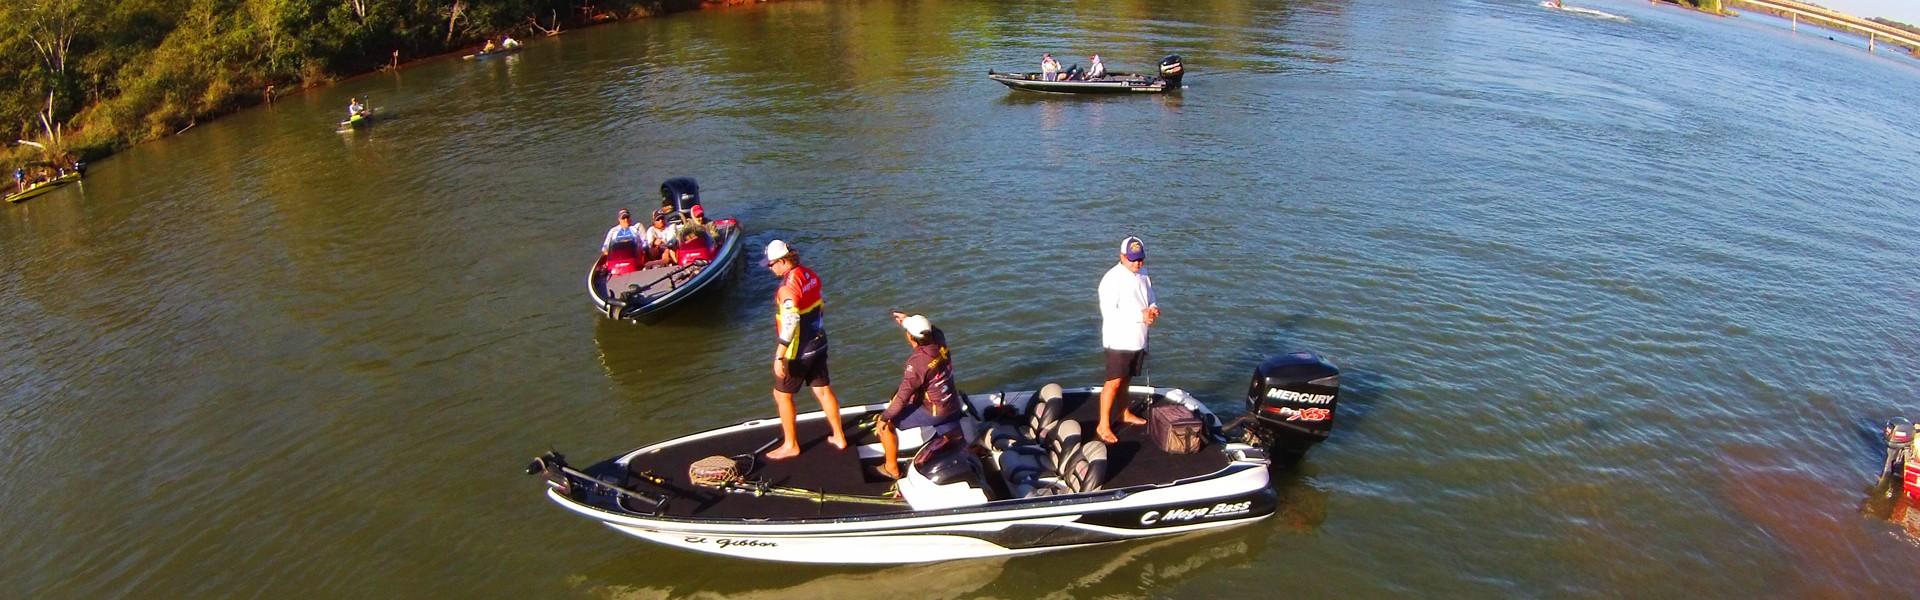 Conheça os vencedores dos torneios de pesca esportiva do fim de semana